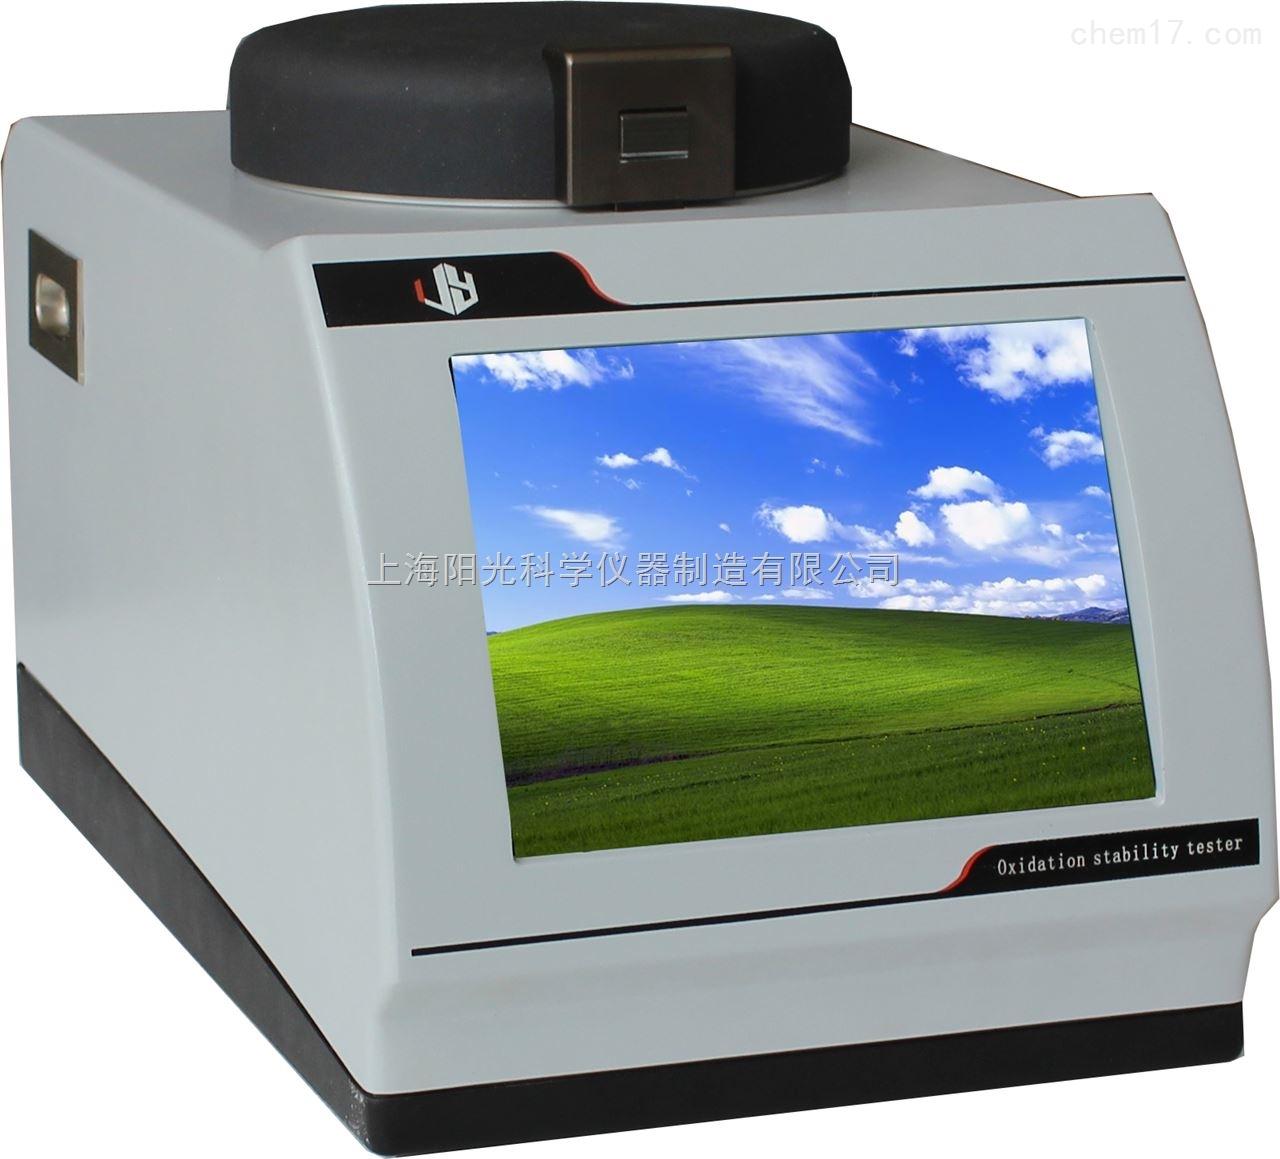 JY-9027微量快速 氧化安定性测定仪